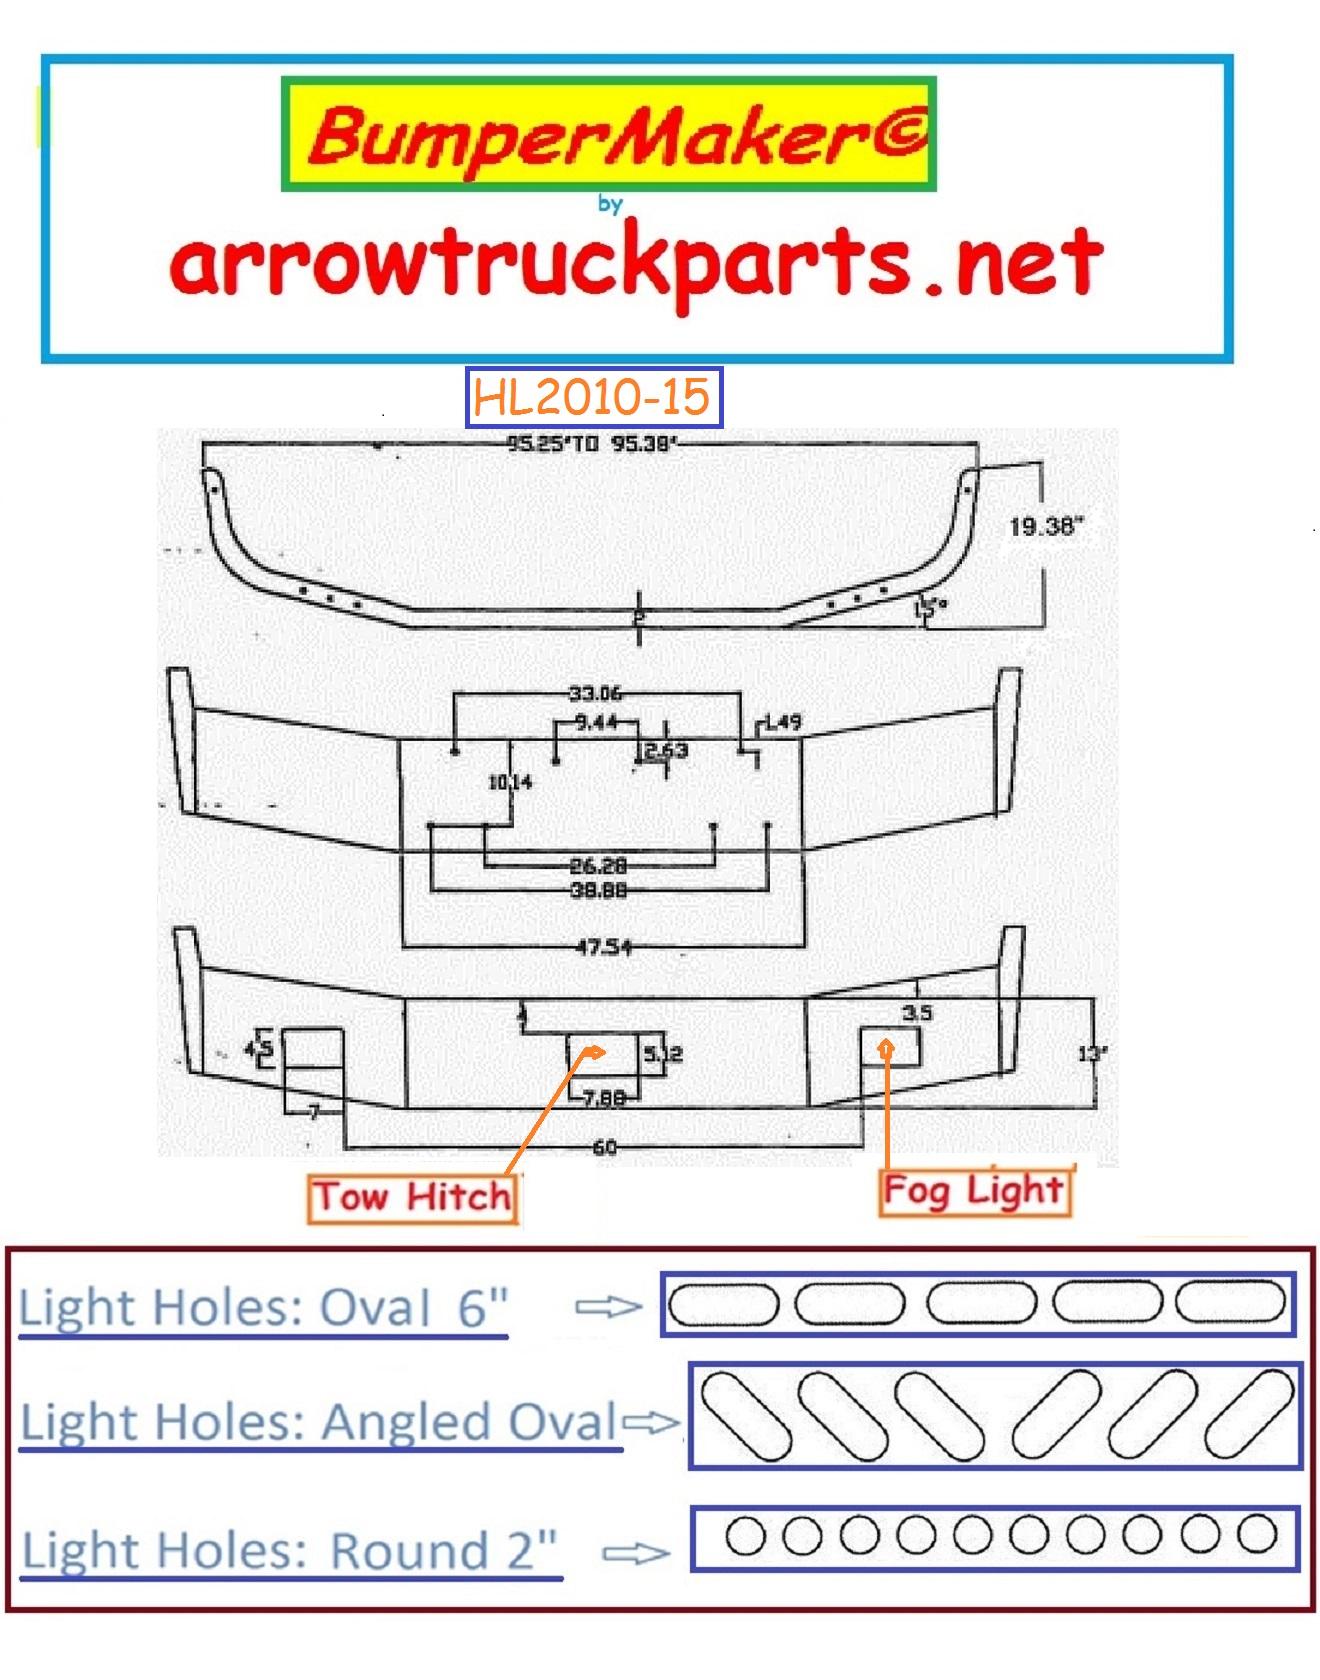 peterbilt wiring diagram ford fiesta diagrams for 385 trucks models